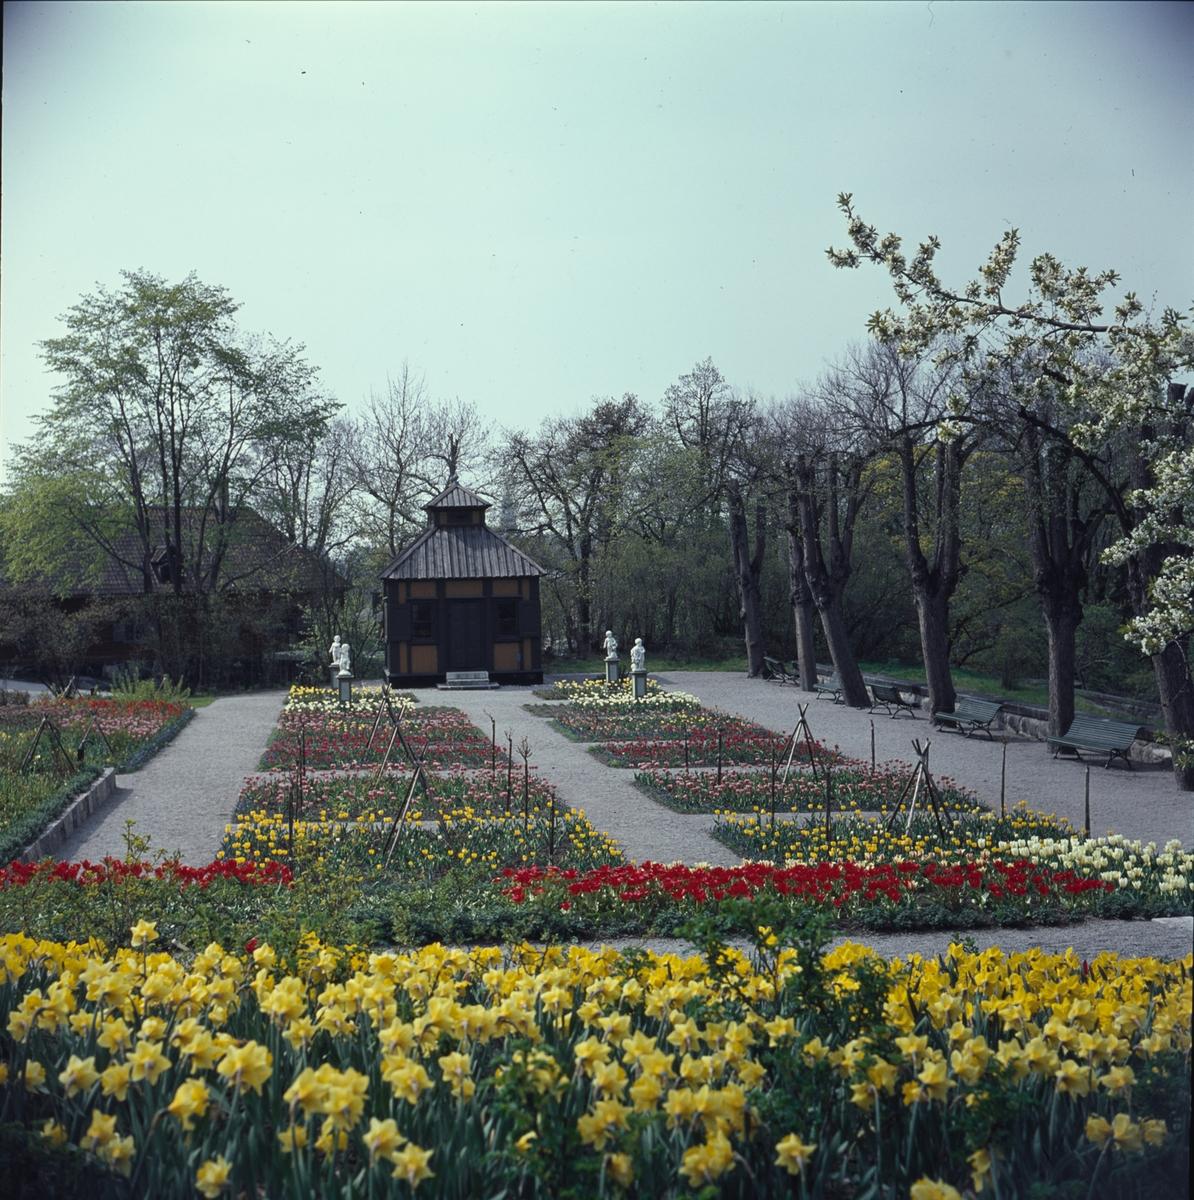 Blommande vårblommor i Rosenträdgårdens välskötta rabatter. I bakgrunden begrundar Swedenborgs lusthus fyra figurer som dansar i den färgrika blomsterprakten.